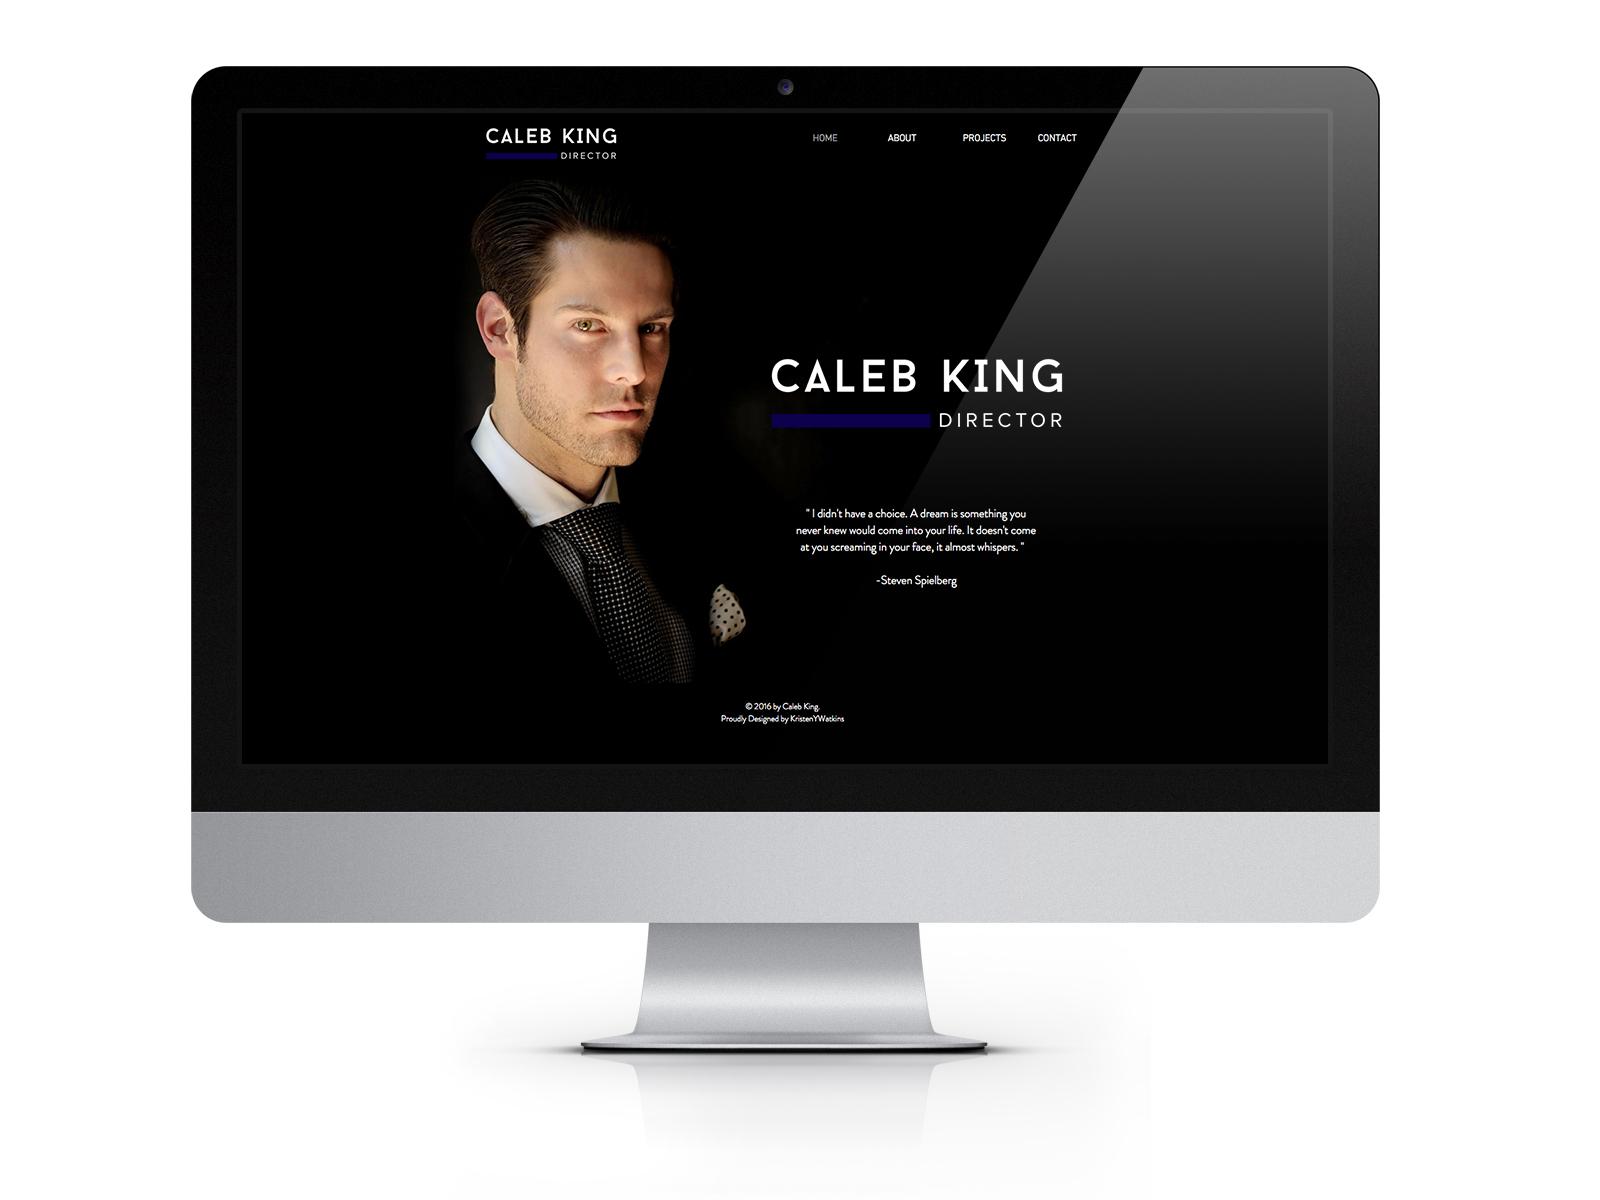 CalebKing_website_mockup